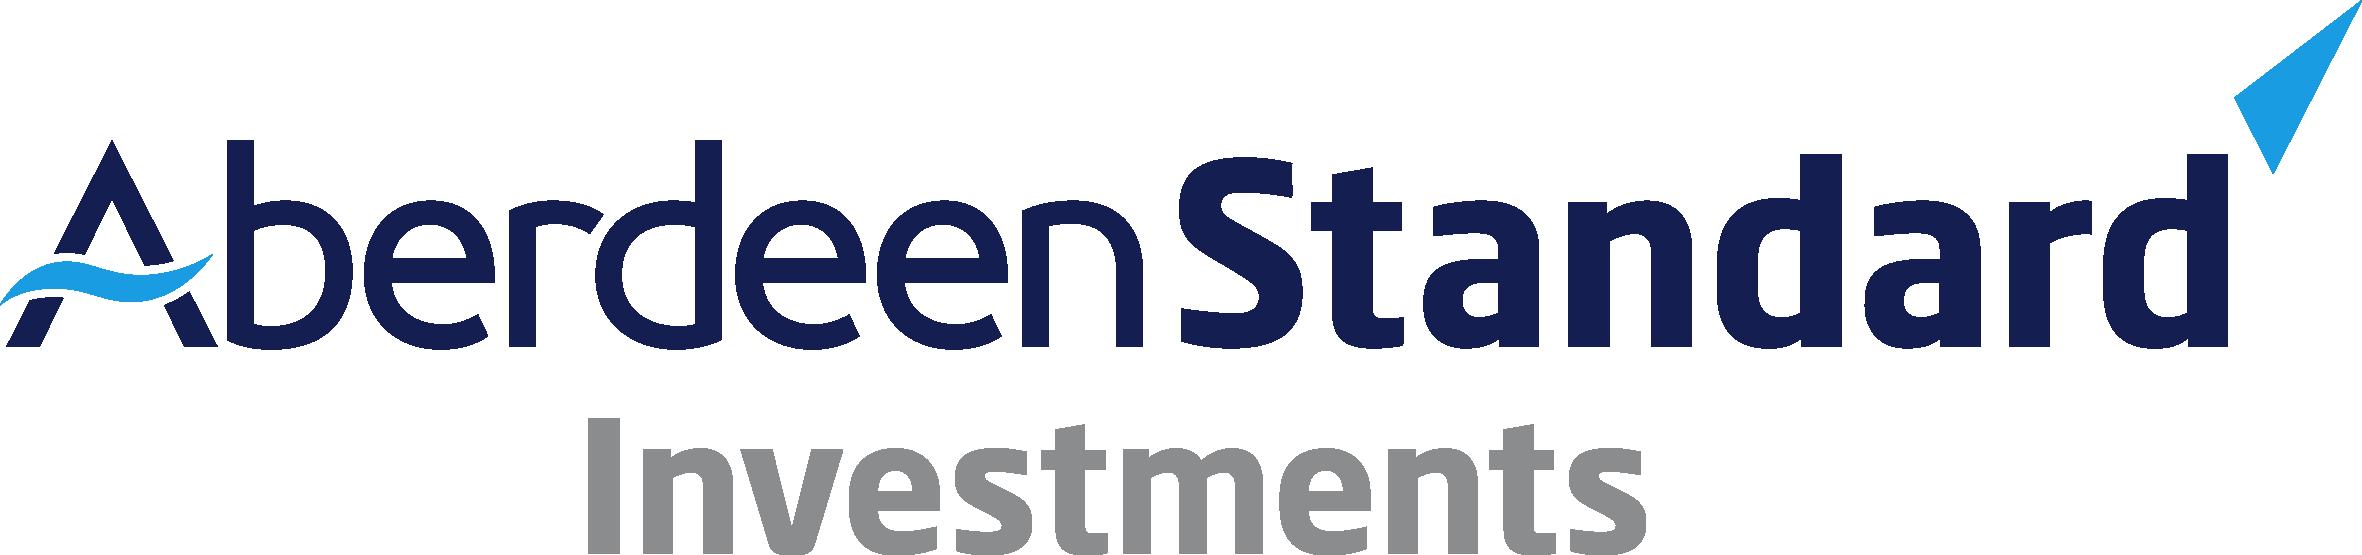 Resultado de imagen de aberdeen standard investments